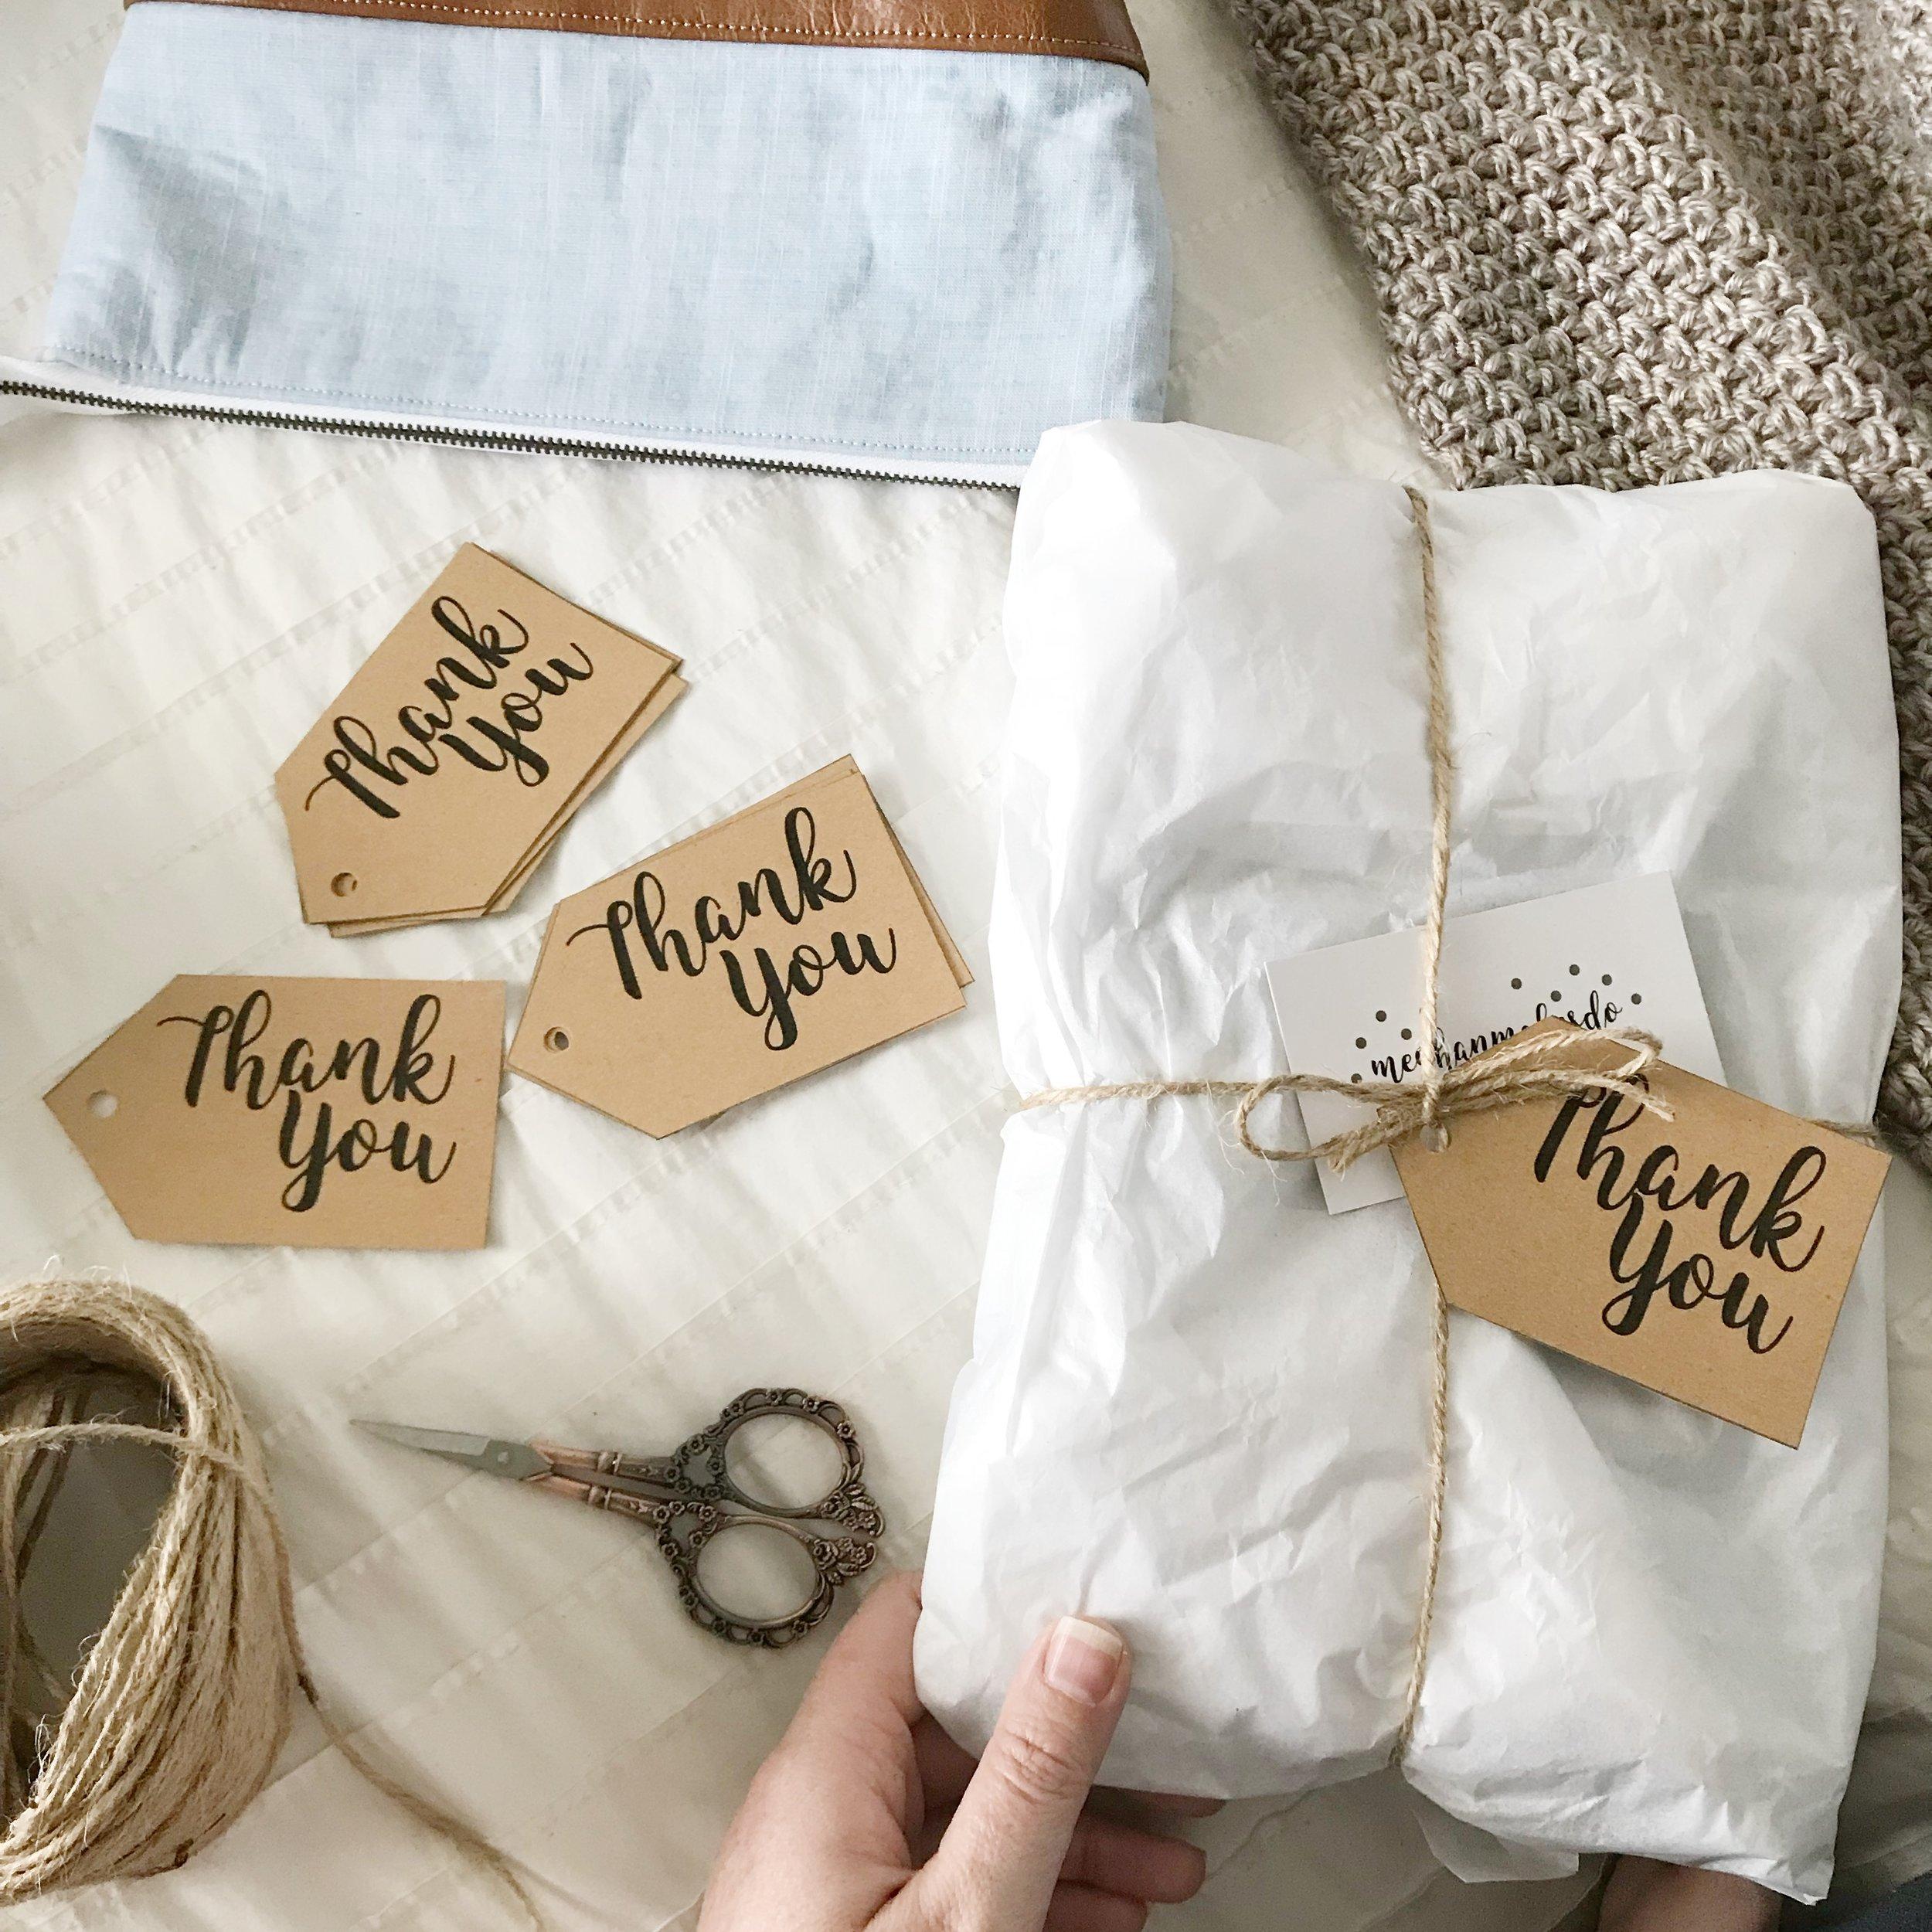 Gift Tags Thank You Printable Wedding Favor Thank You Tag Favor Tag Wedding Thank You Tags DiY Kraft Printable tags